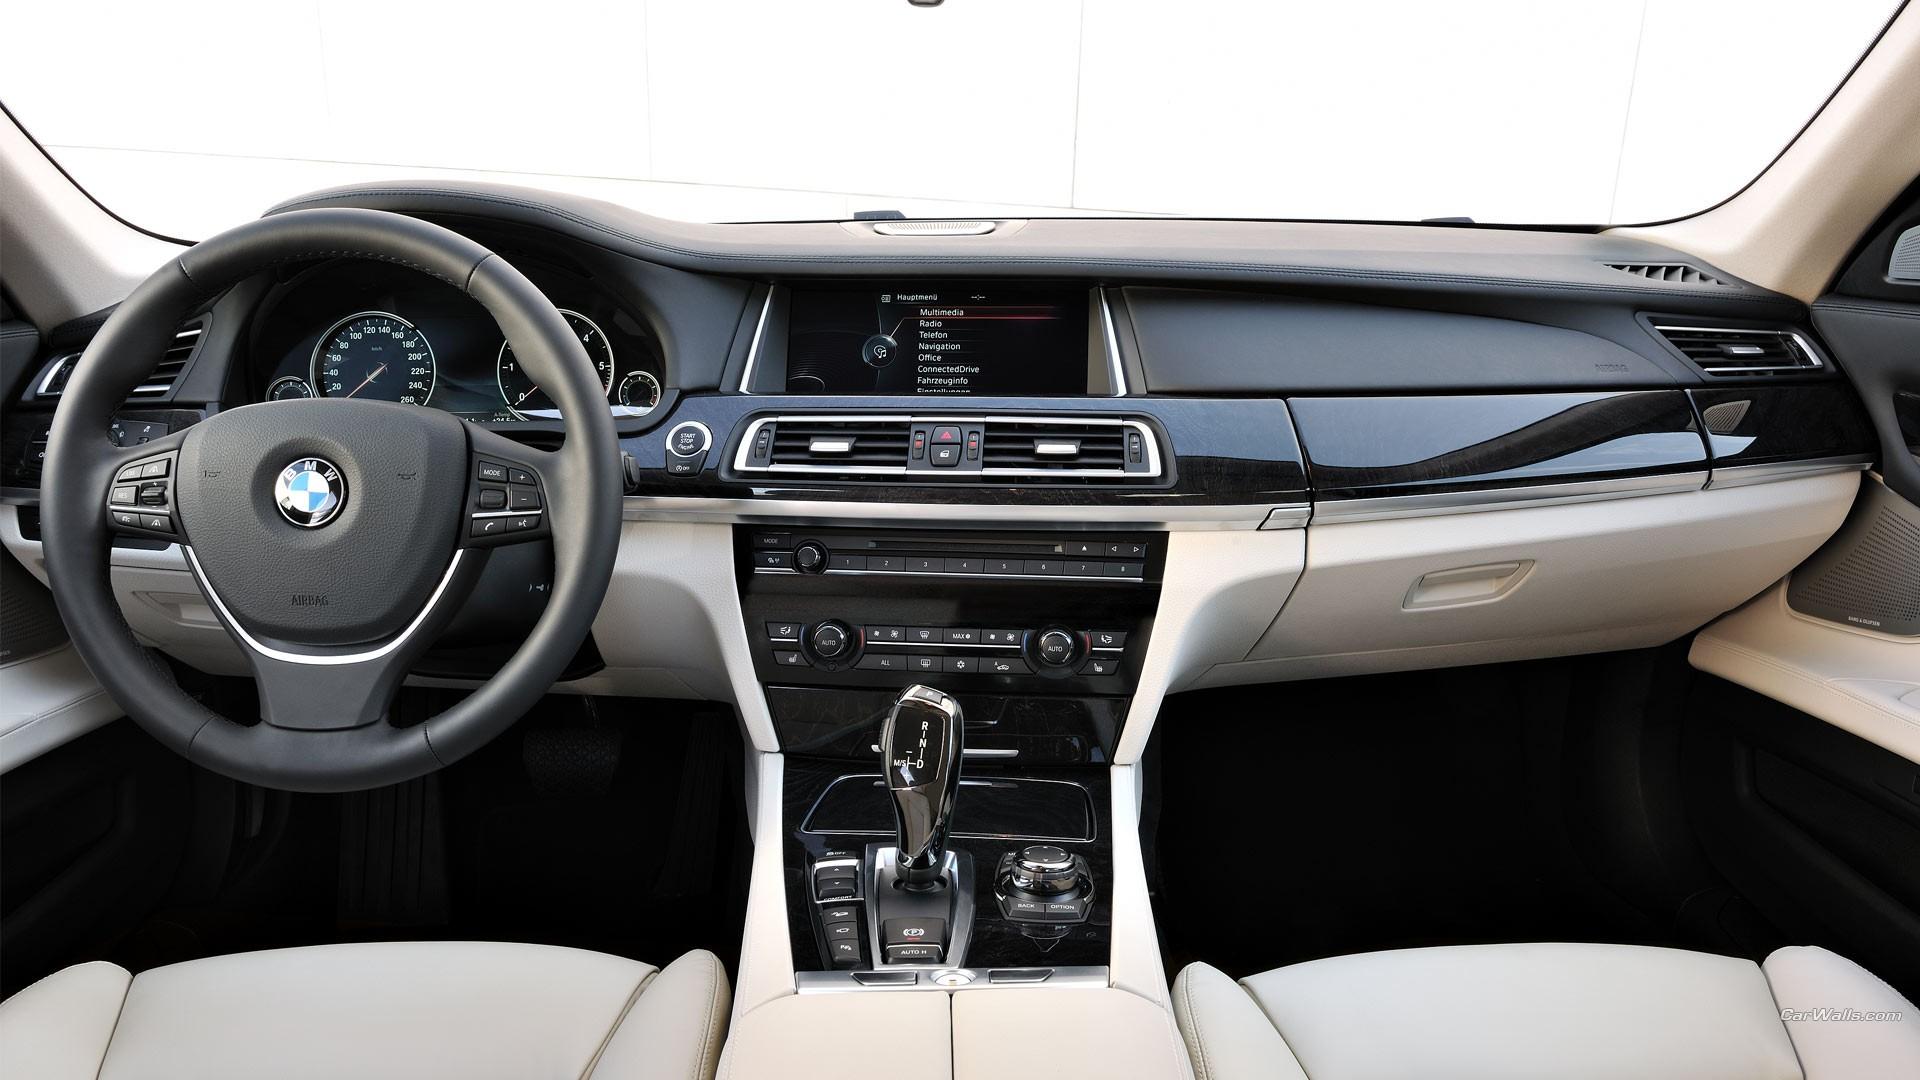 hintergrundbilder fahrzeug auto innenraum sportwagen. Black Bedroom Furniture Sets. Home Design Ideas